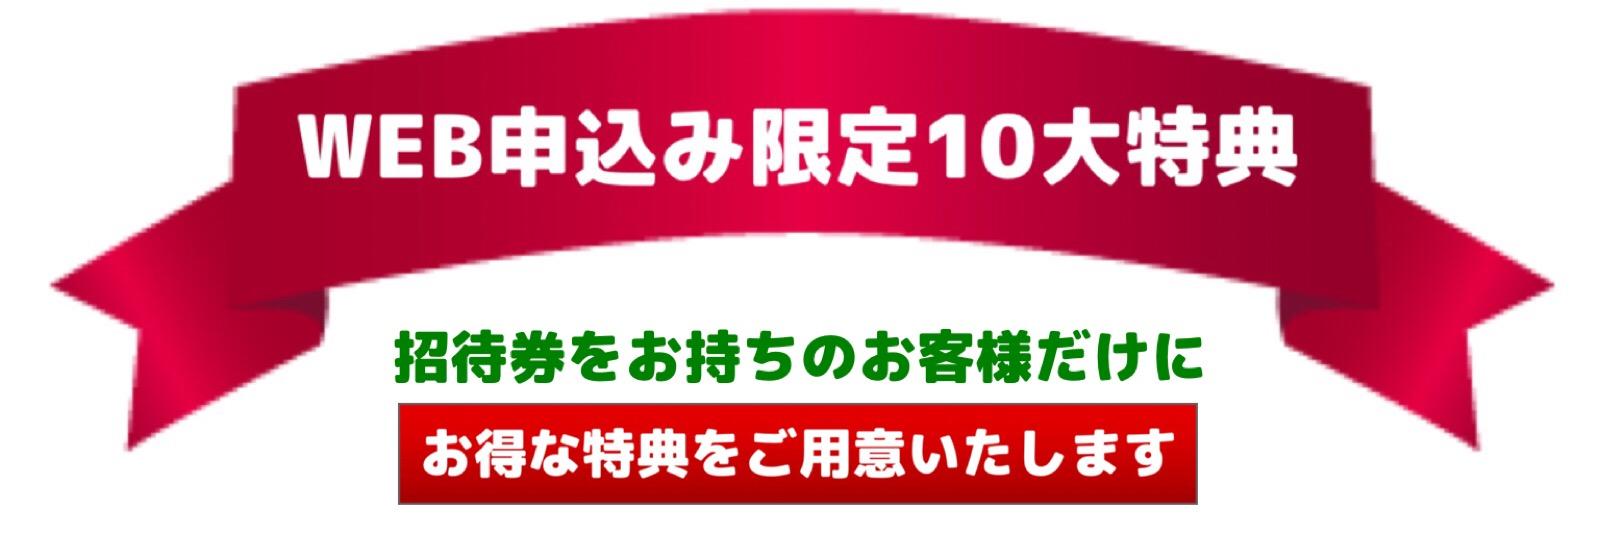 ソメイユ横浜イベント特典